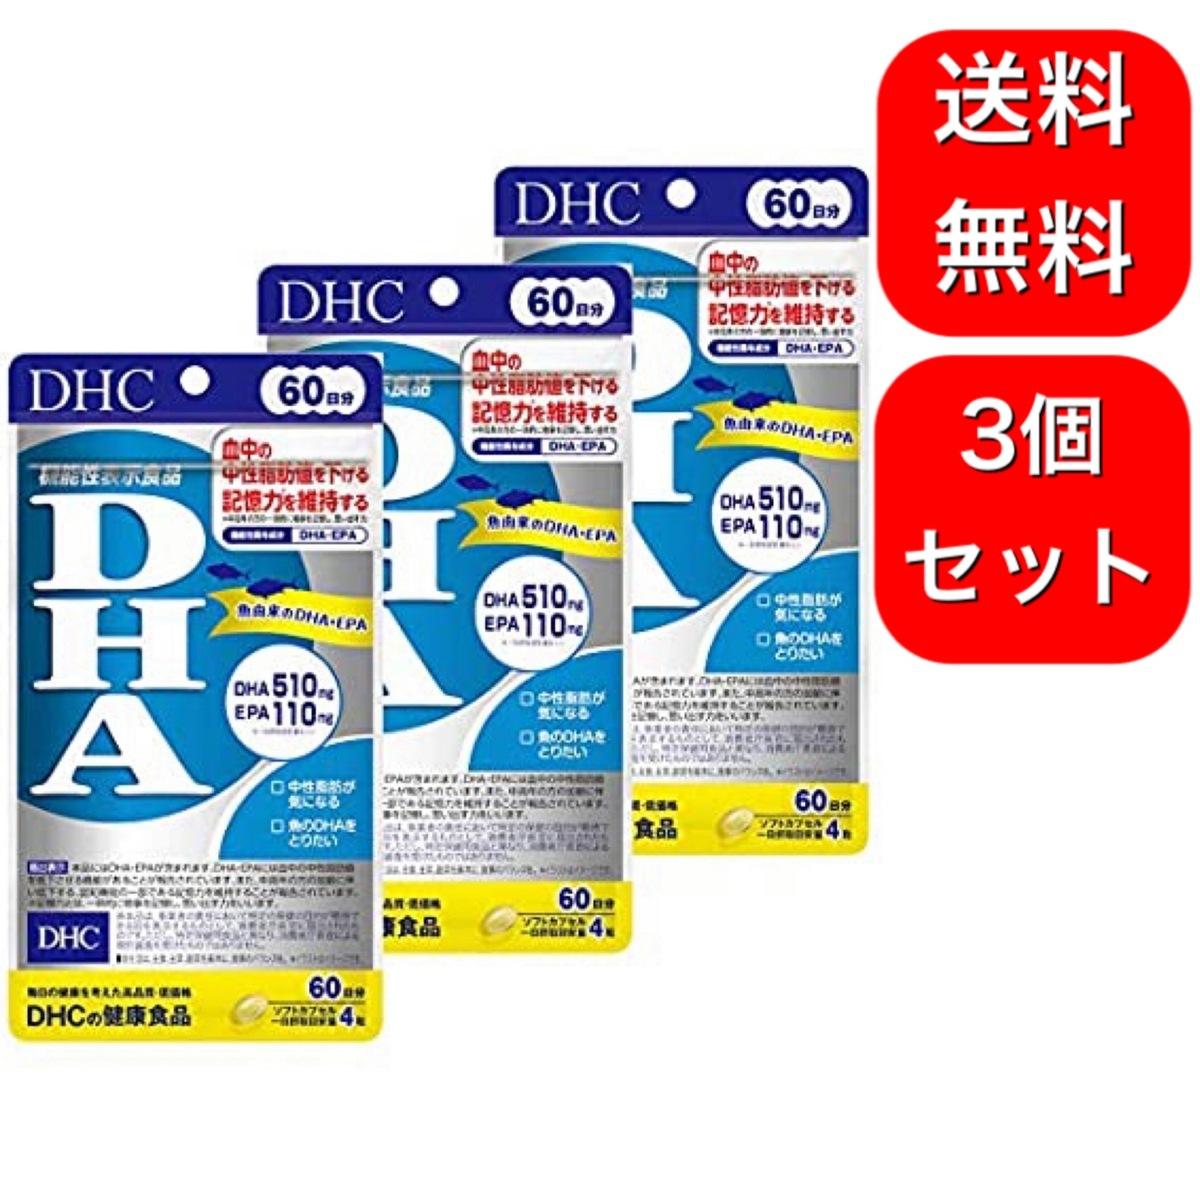 全国一律送料無料 3袋セット DHC 240粒 60日分 ついに入荷 DHA 激安格安割引情報満載